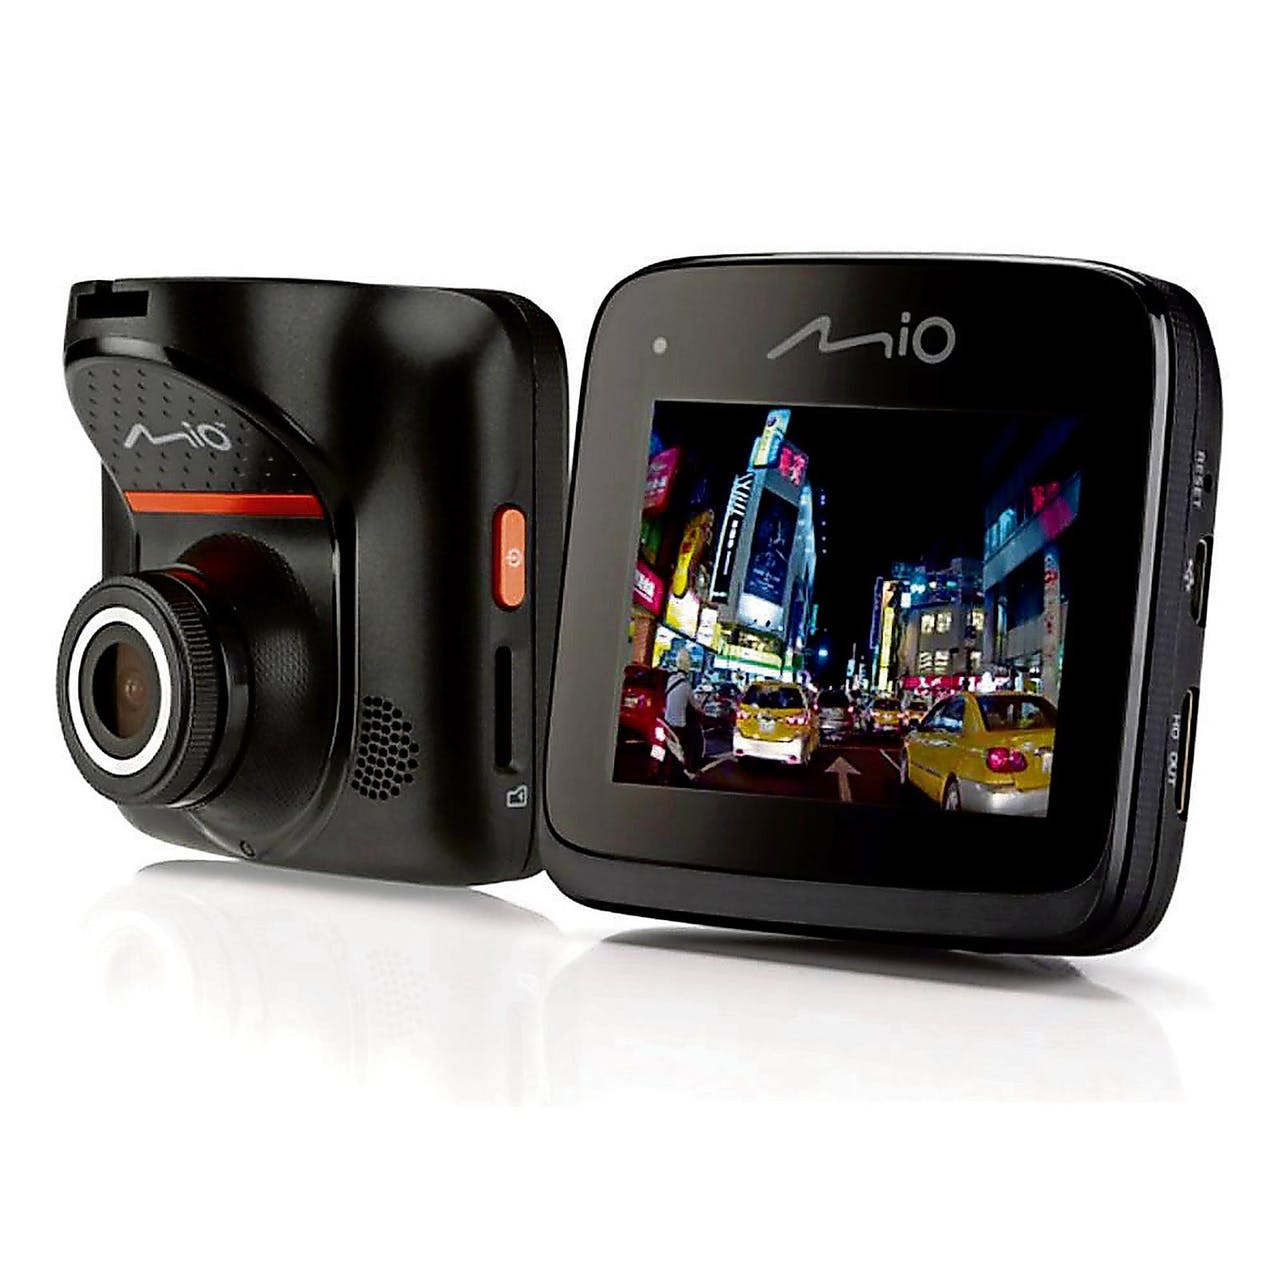 De dashboardcamera van Mio legt asociale medebestuurders vast.